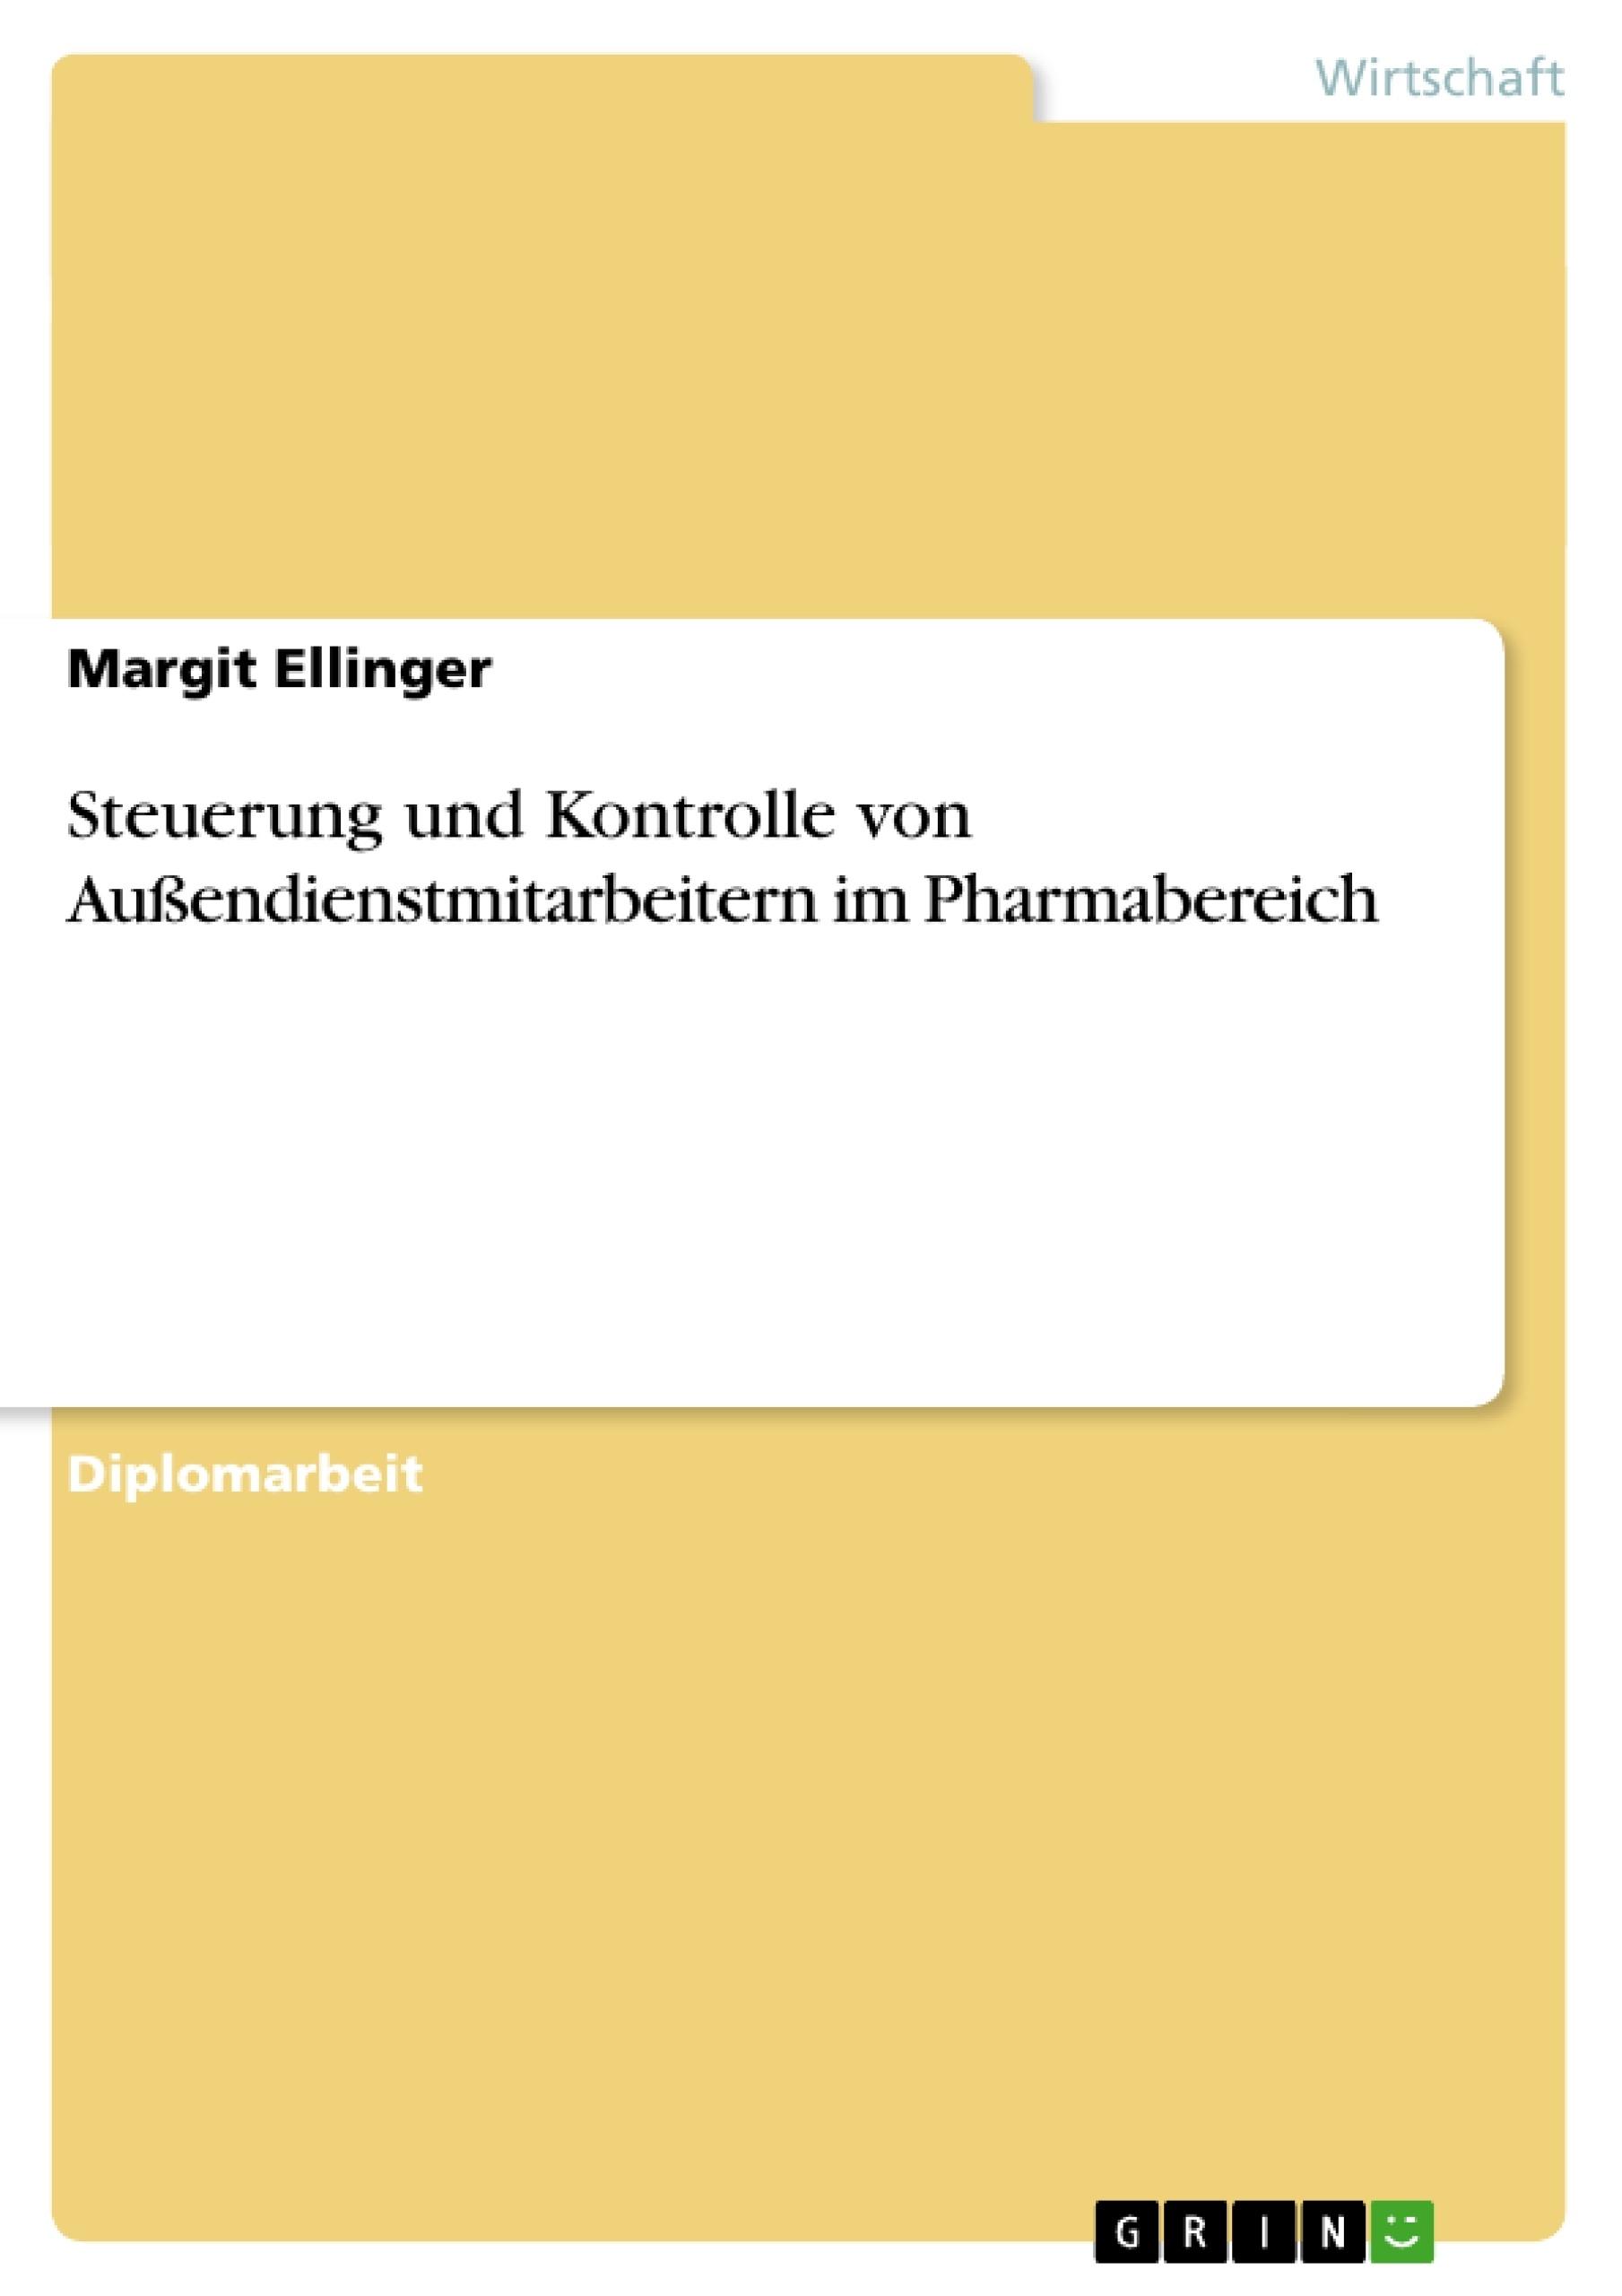 Titel: Steuerung und Kontrolle von Außendienstmitarbeitern im Pharmabereich